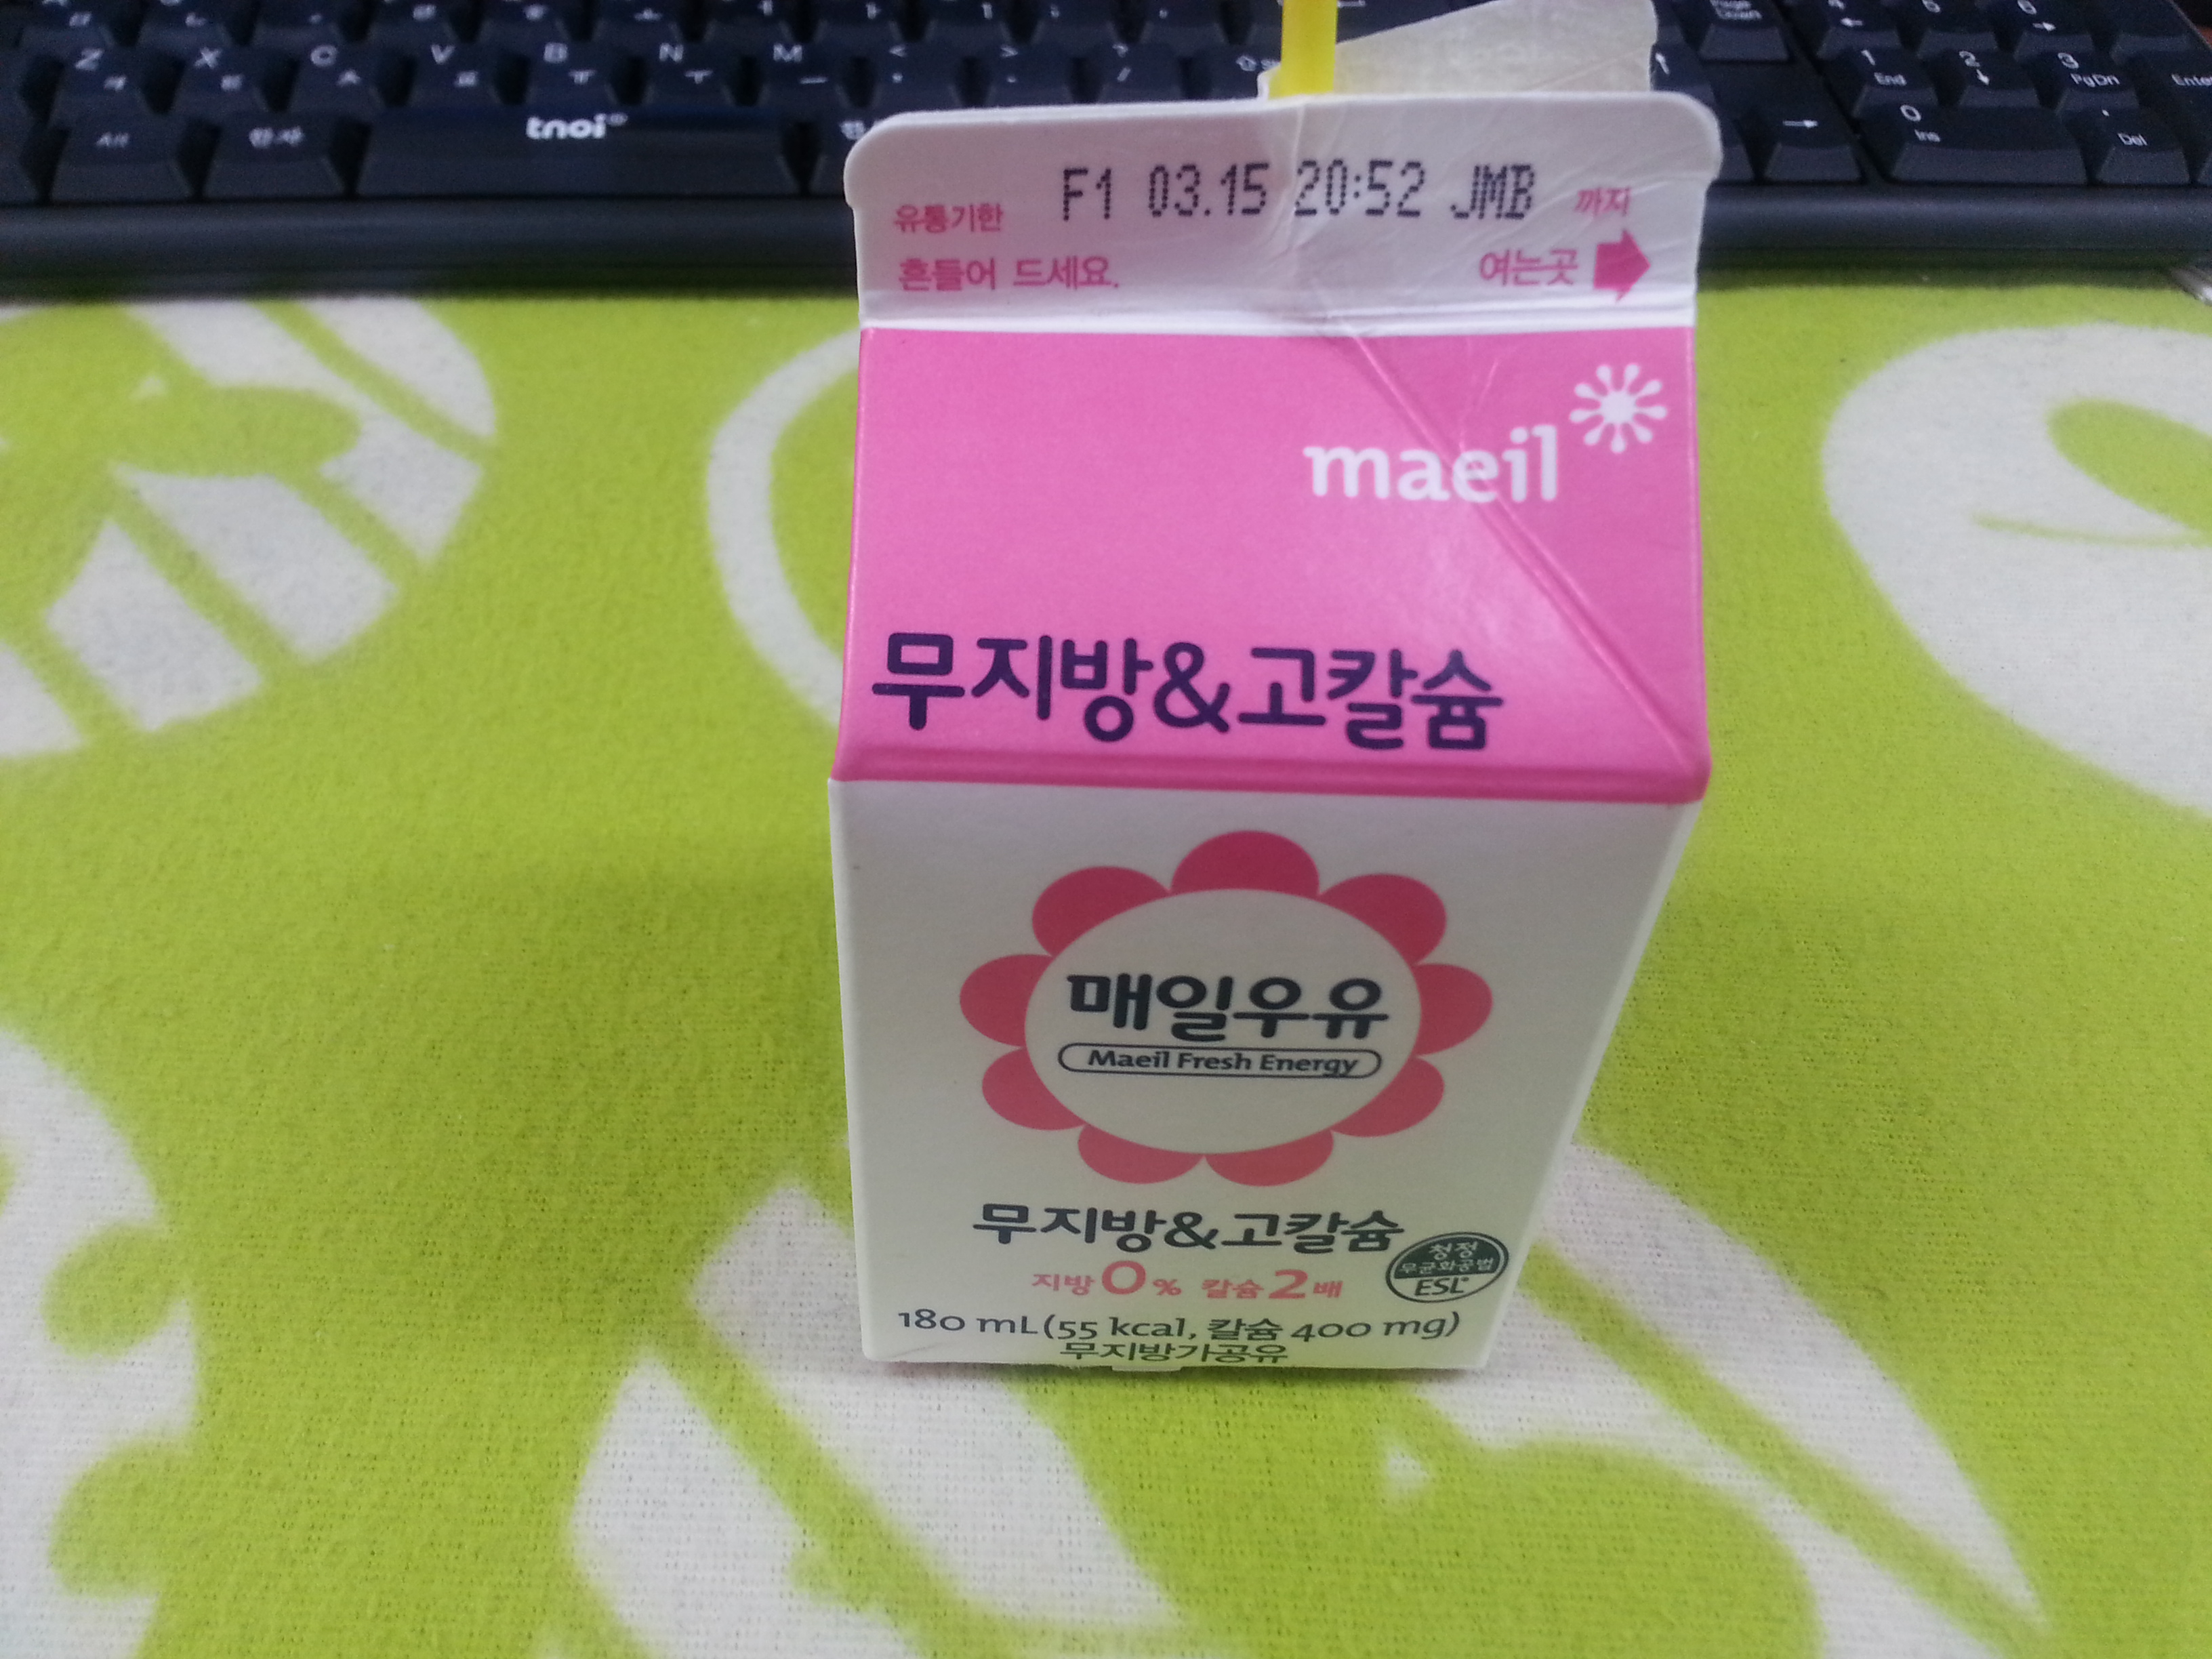 매일우유 무지방 & 고칼슘 먹어본 후기